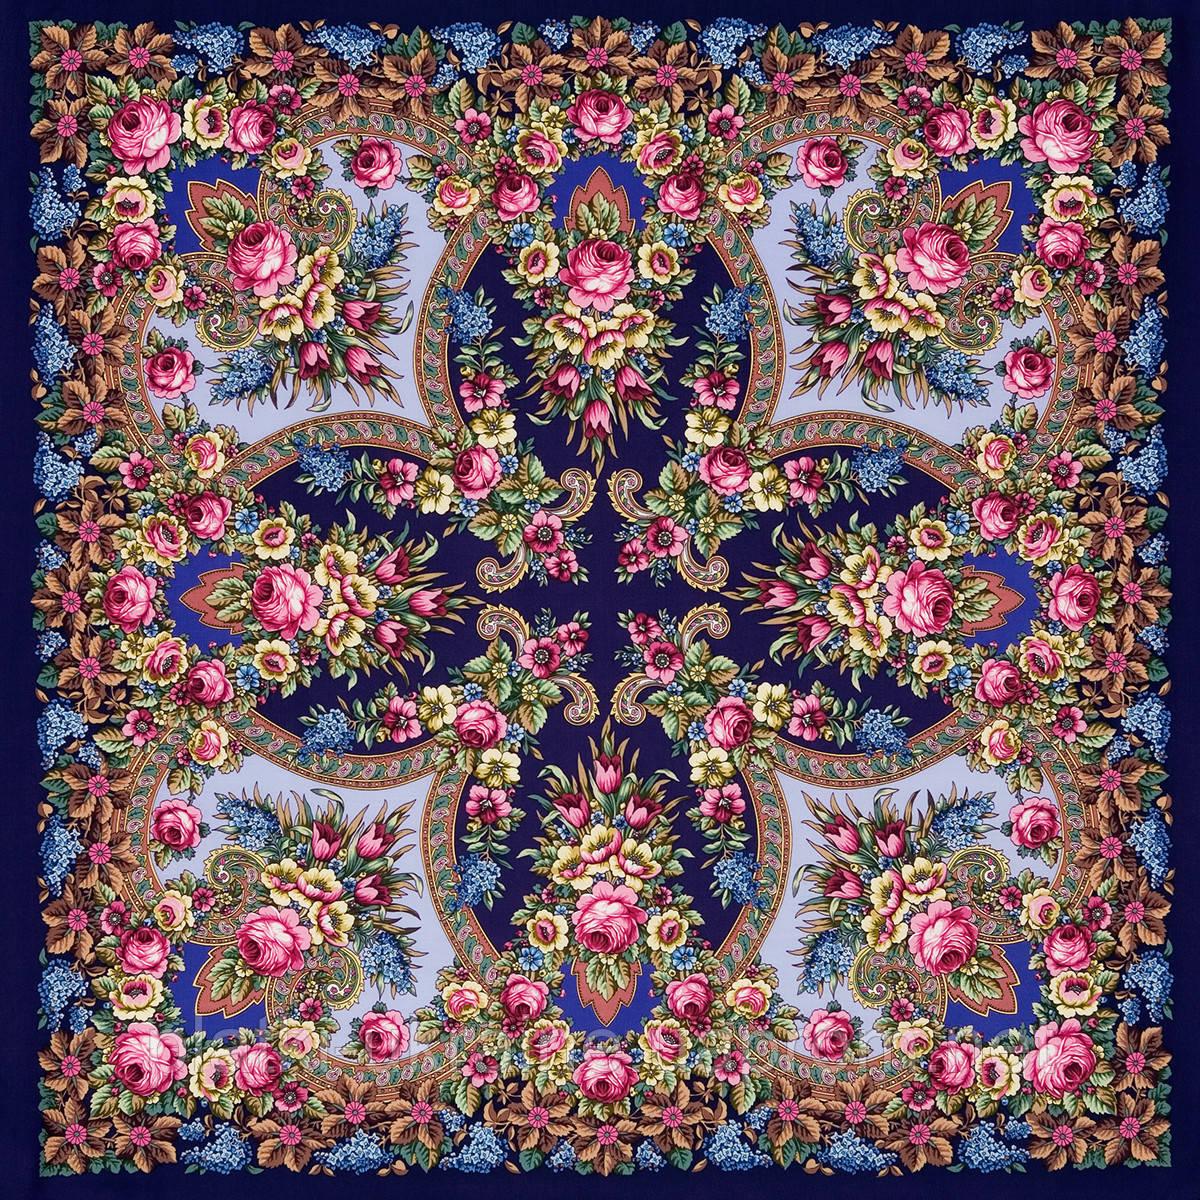 """Многоцветная шаль из уплотненной шерстяной ткани с шелковой бахромой """" Воспоминание о лете """" рис 563-14"""